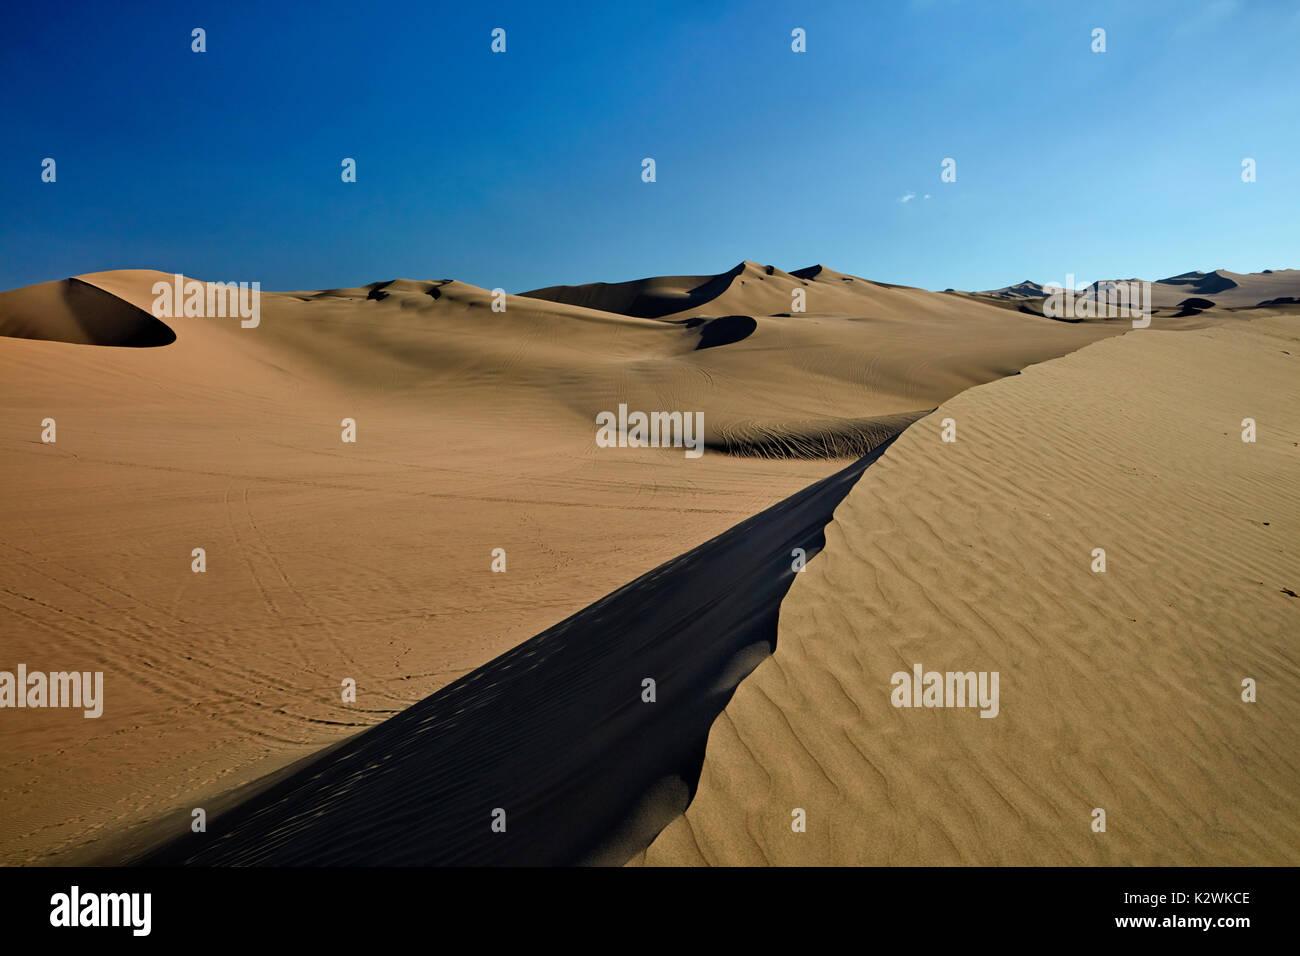 Sanddünen in der Wüste in der Nähe von Huacachina Oasis, Ica, Peru, Südamerika Stockbild